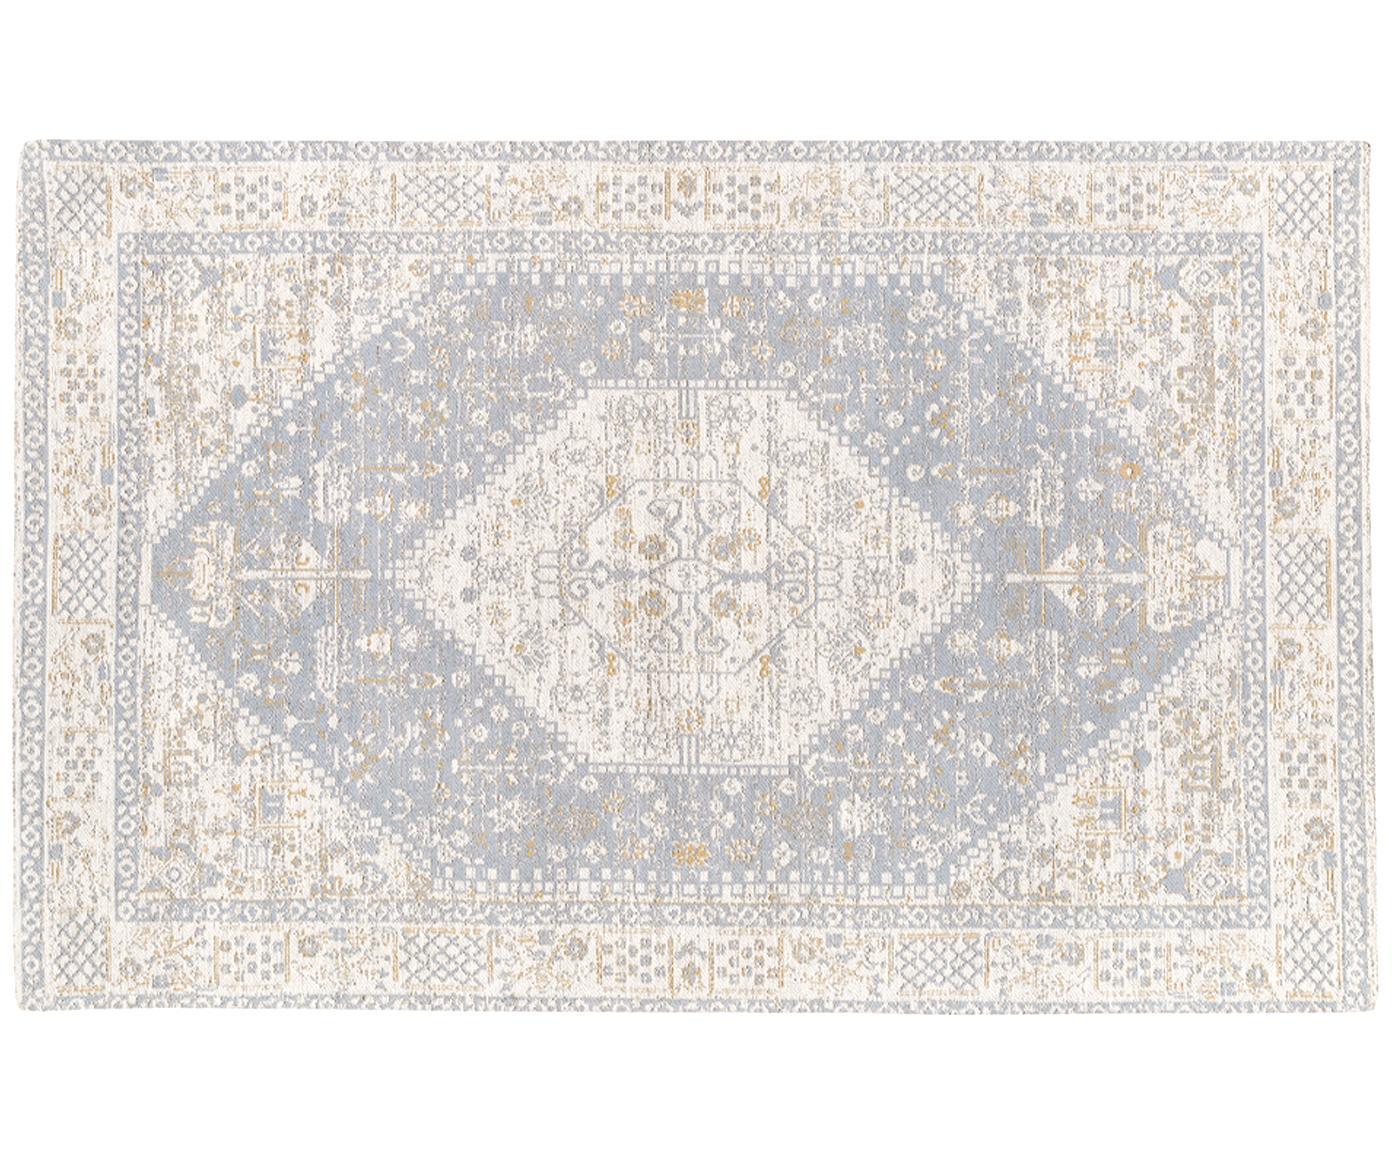 Ręcznie tkany dywan szenilowy Neapel, Jasny szary, kremowy, taupe, S 200 x D 300 cm (Rozmiar L)